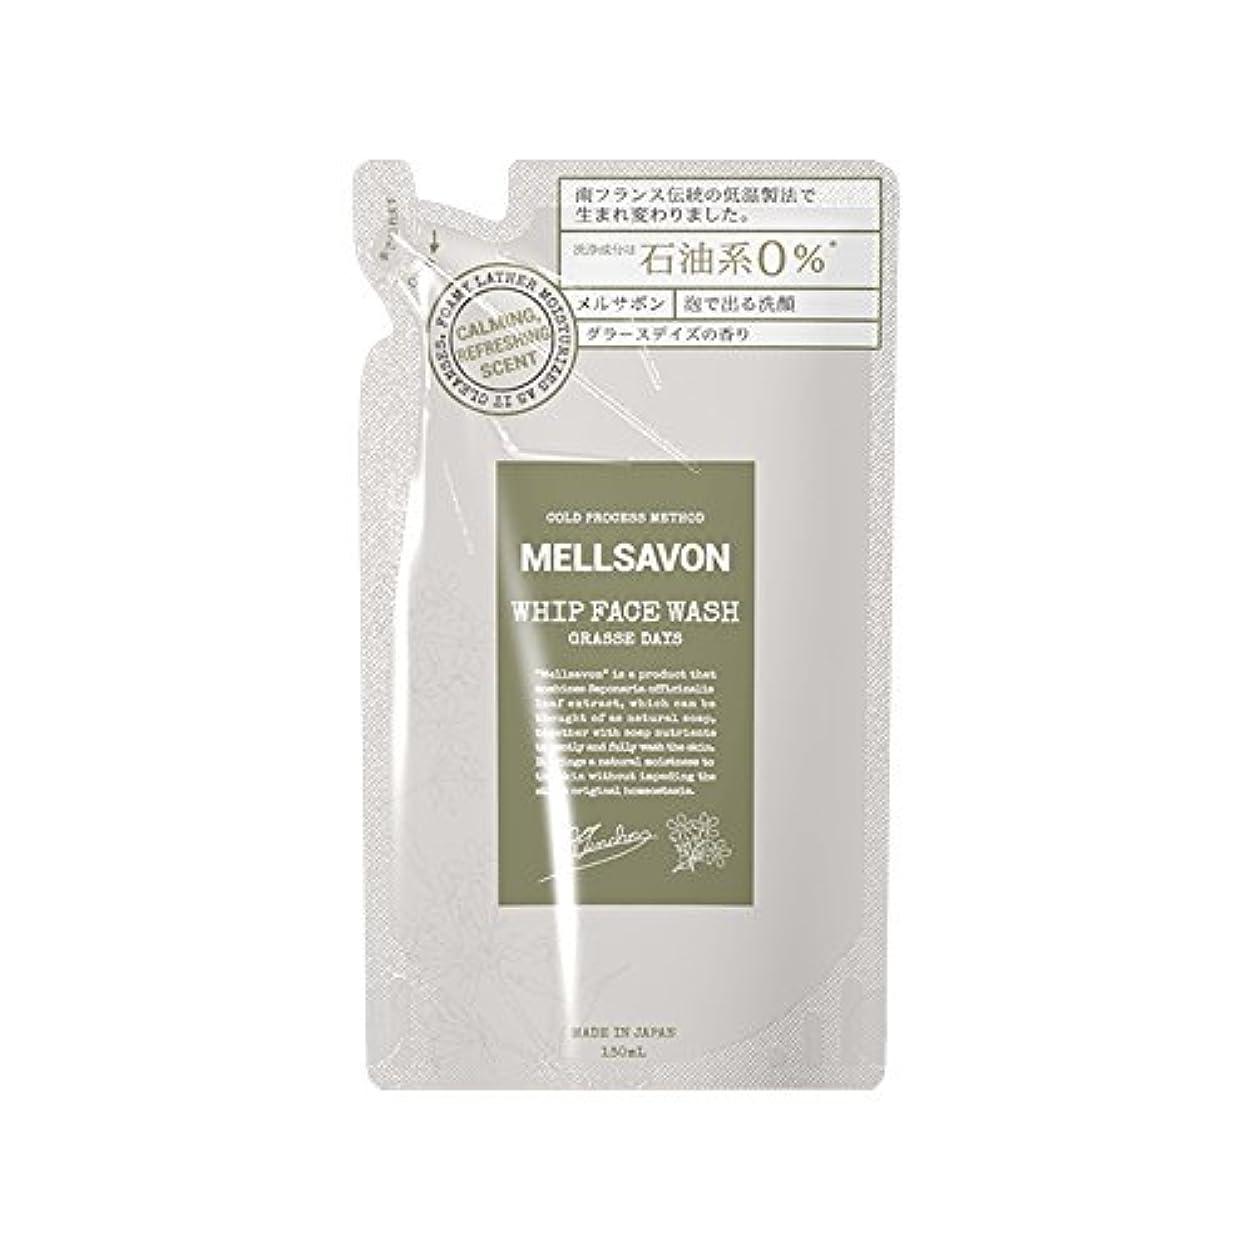 抵抗力がある魅力腸Mellsavon(メルサボン) メルサボン ホイップフェイスウォッシュ グラースデイズ 詰替 130mL 洗顔